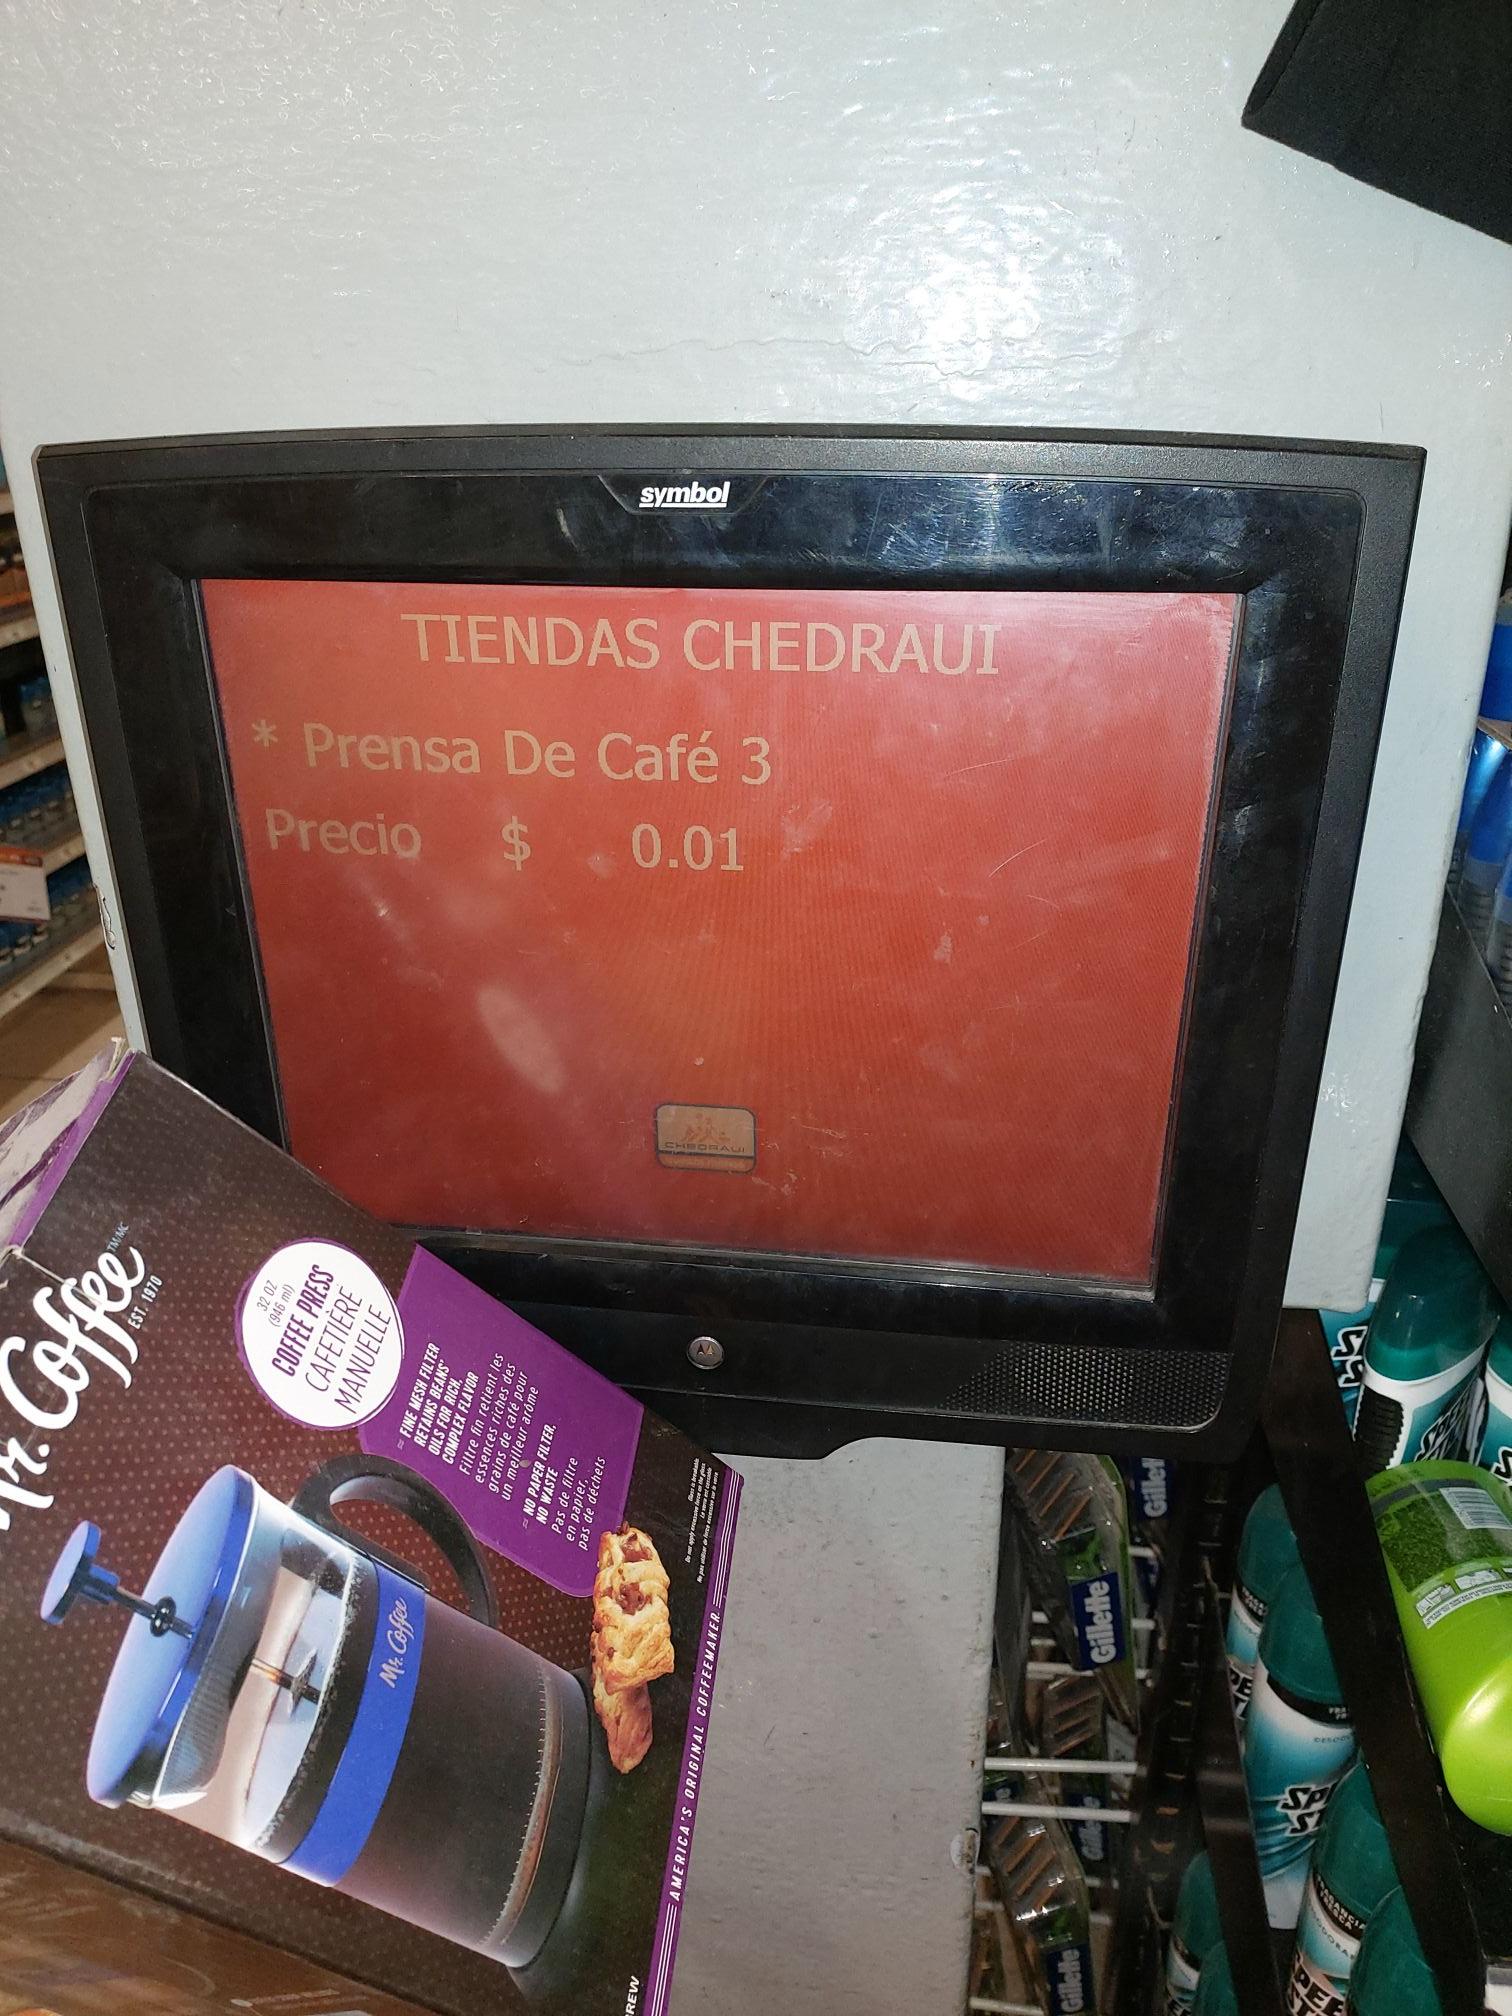 Chedraui: Prensa de café Color azul paso en un centavo, demas colores 12.01